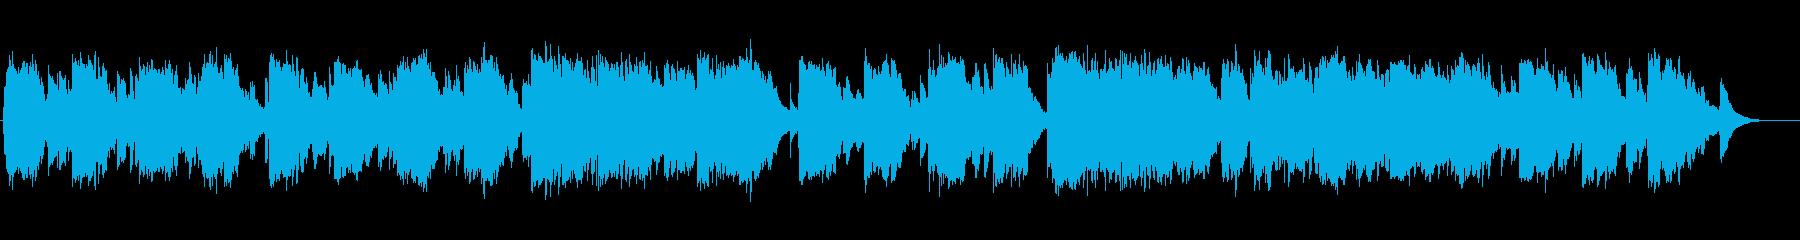 水の中のようなピアノの再生済みの波形